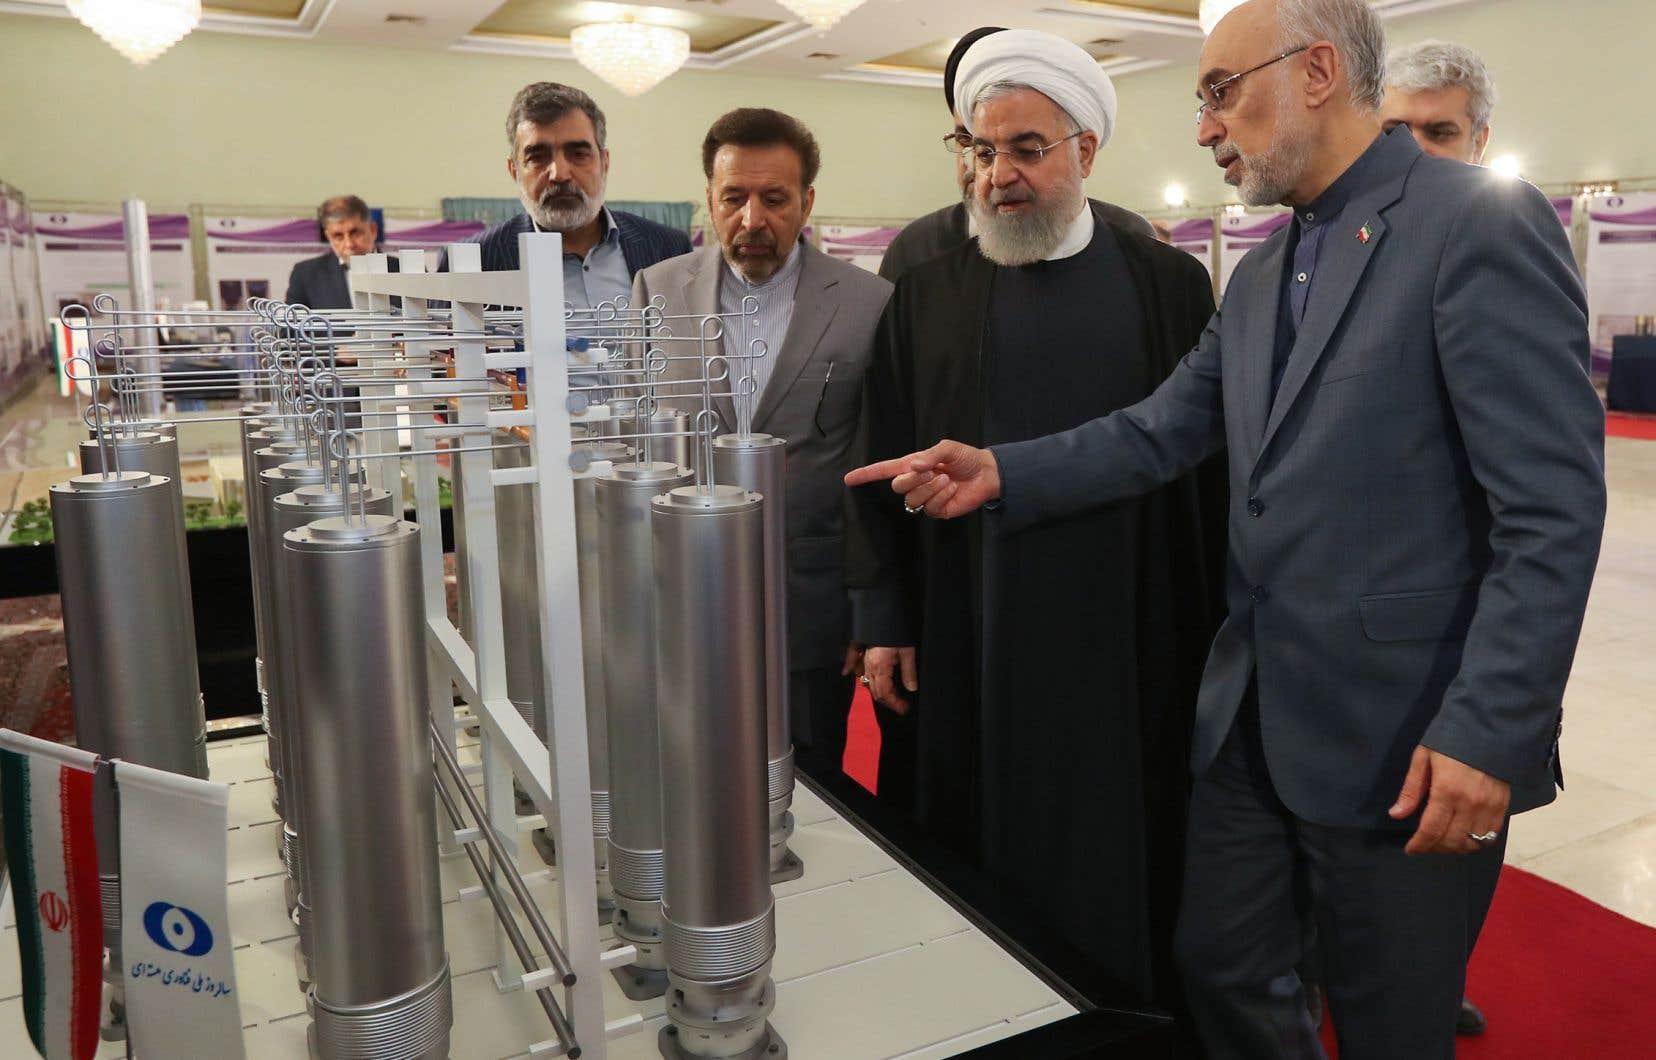 Le président Hassan Rohani visite des installations nucléaires iraniennes, le 4 avril dernier.